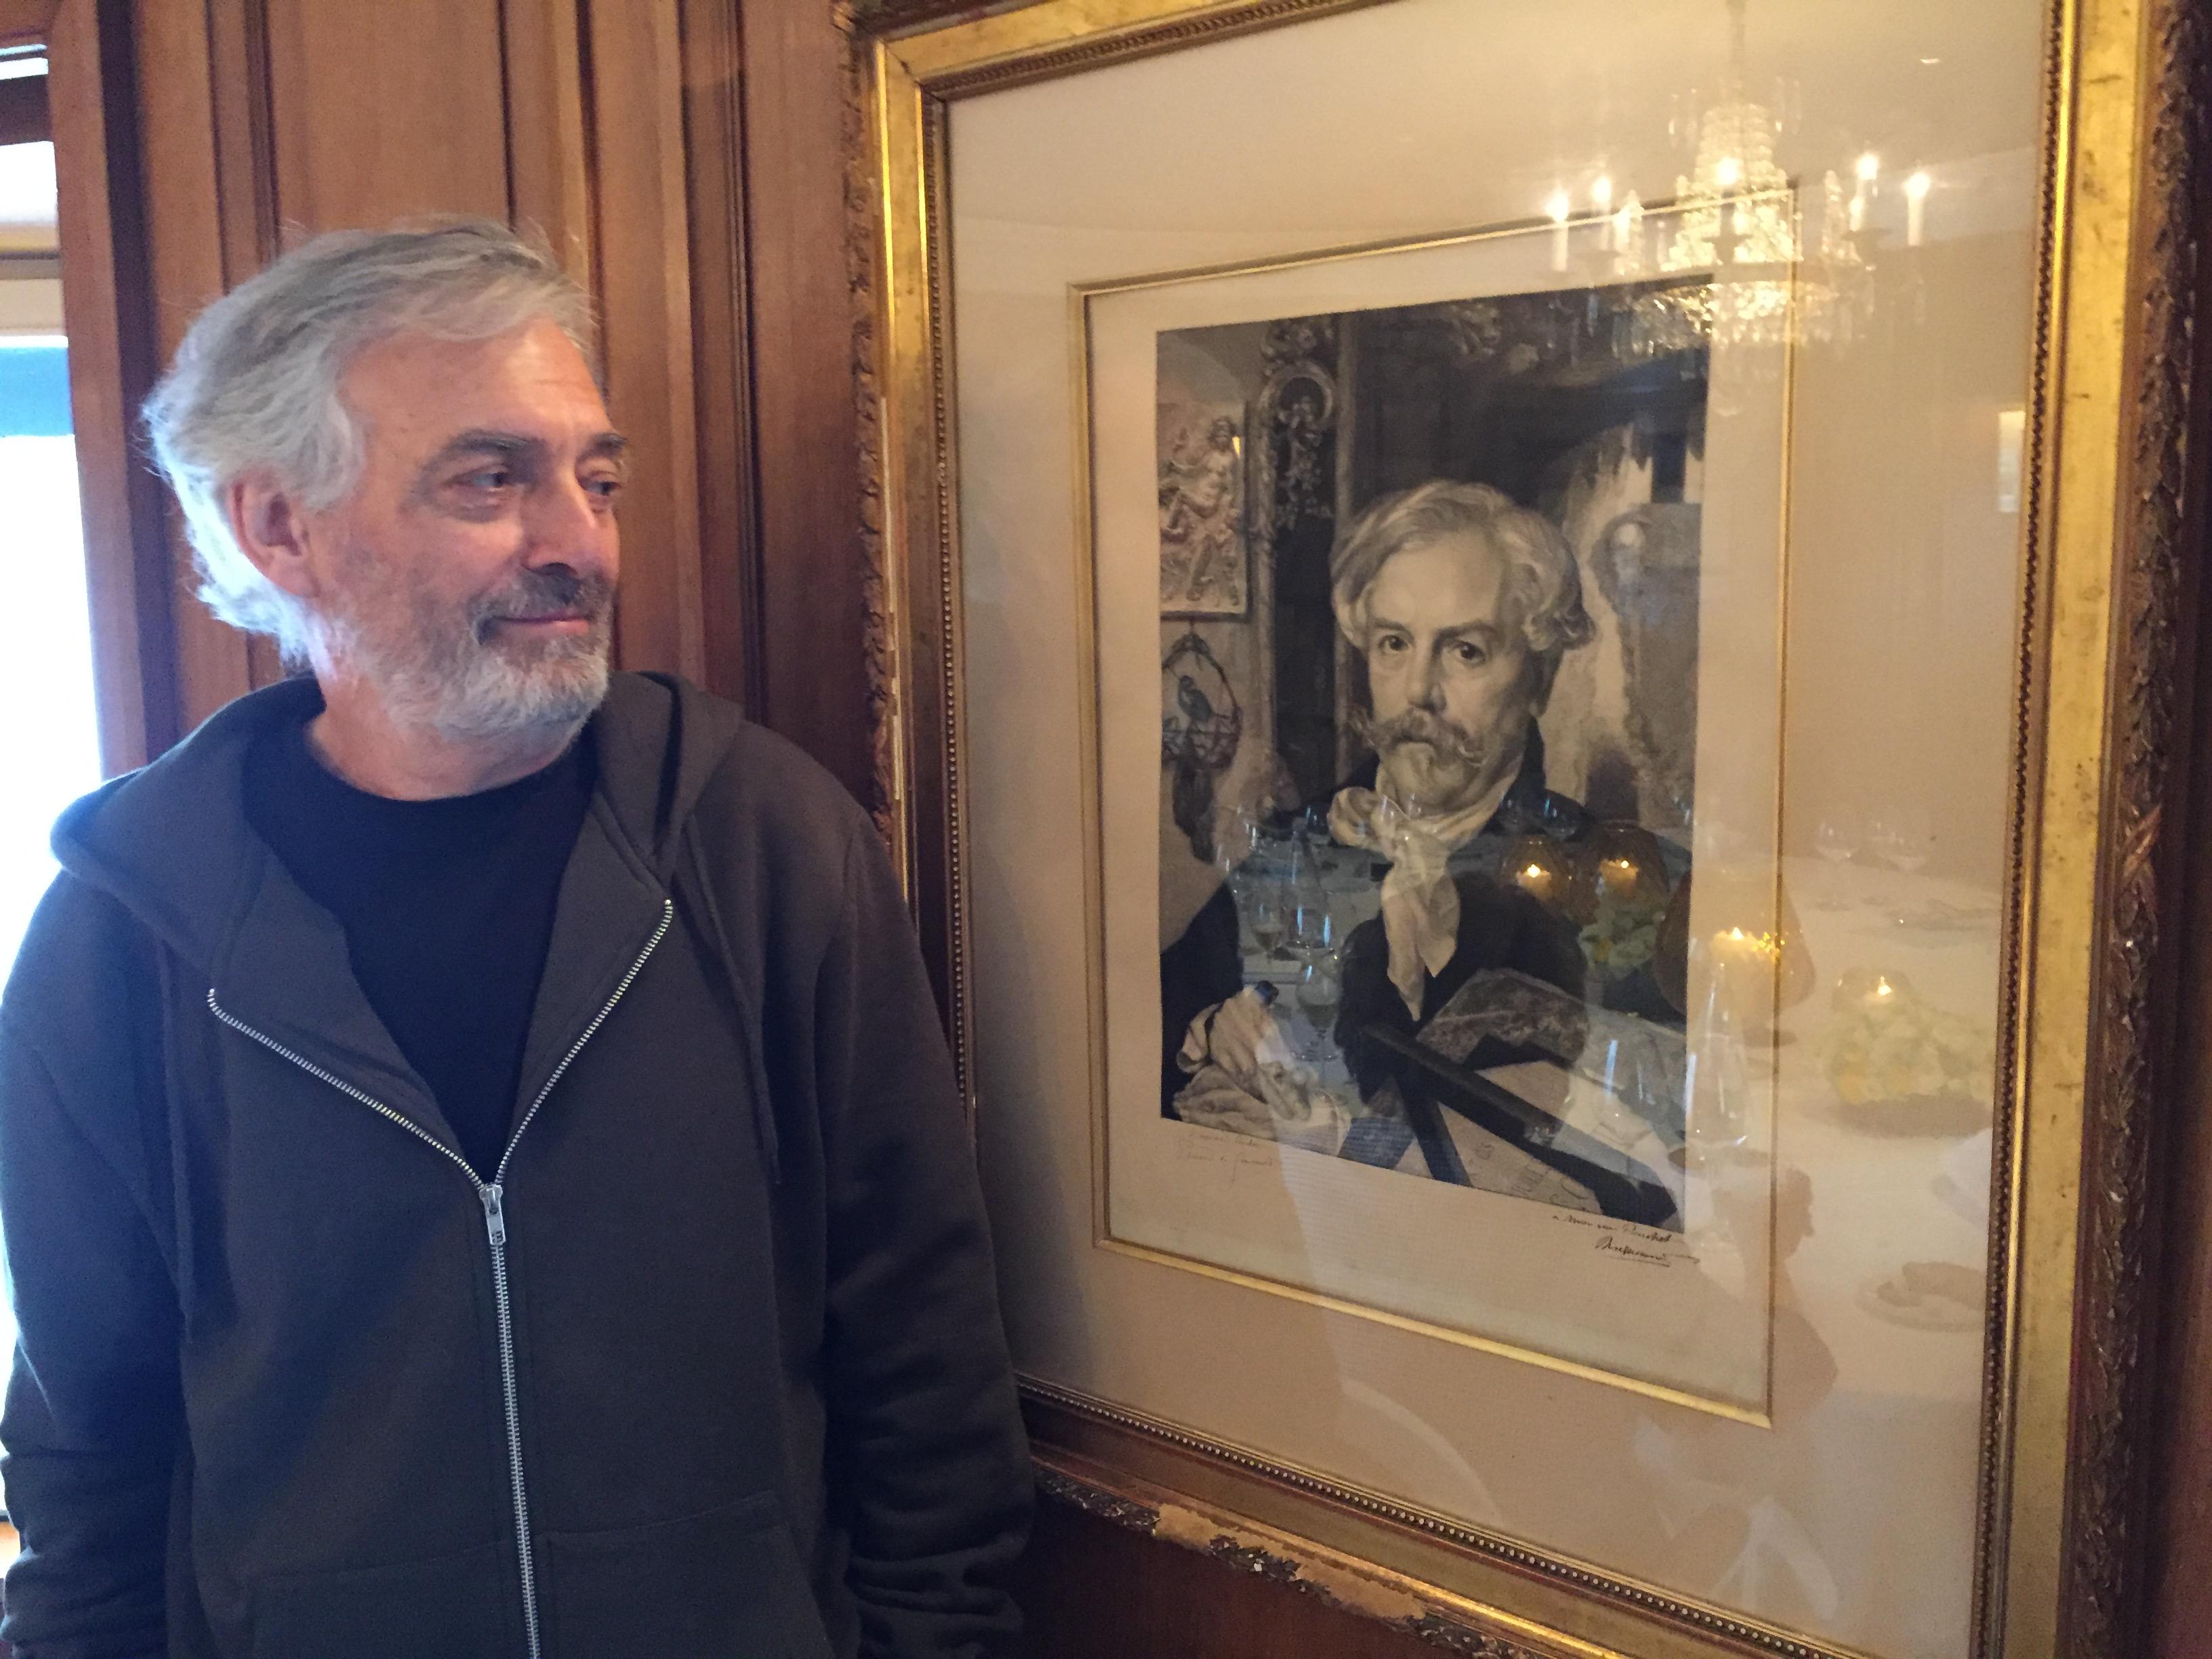 Le roman de Jean-Paul Dubois prix Goncourt 2019